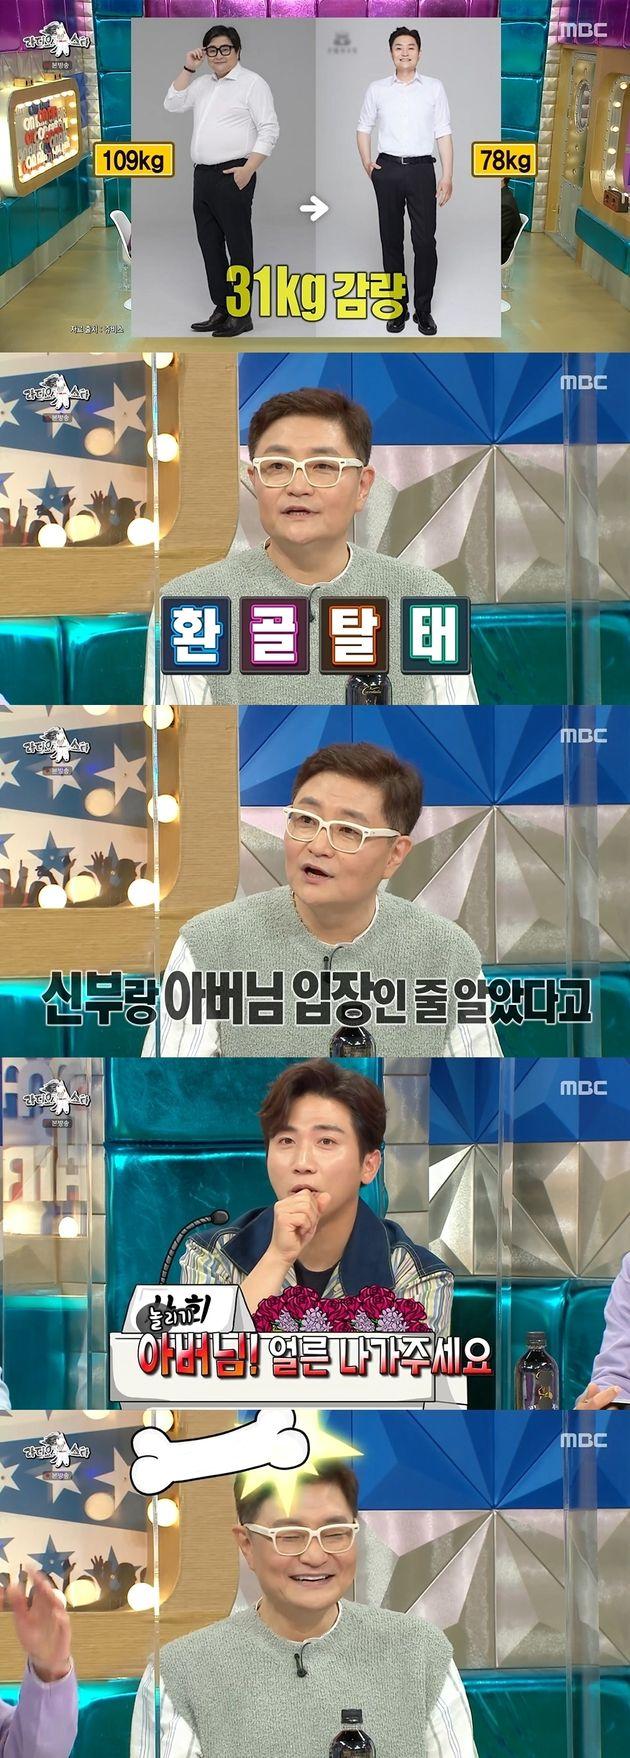 MBC '라디오스타' 방송